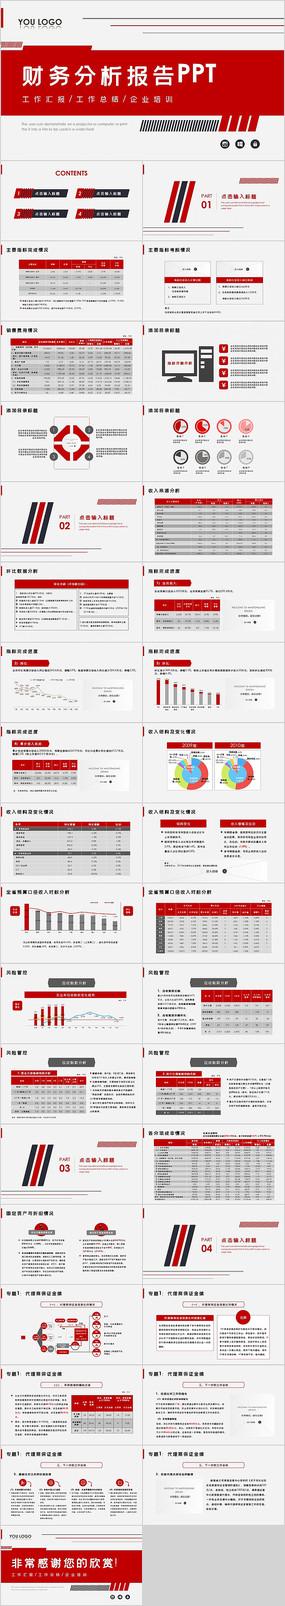 财务分析报告PPT模板